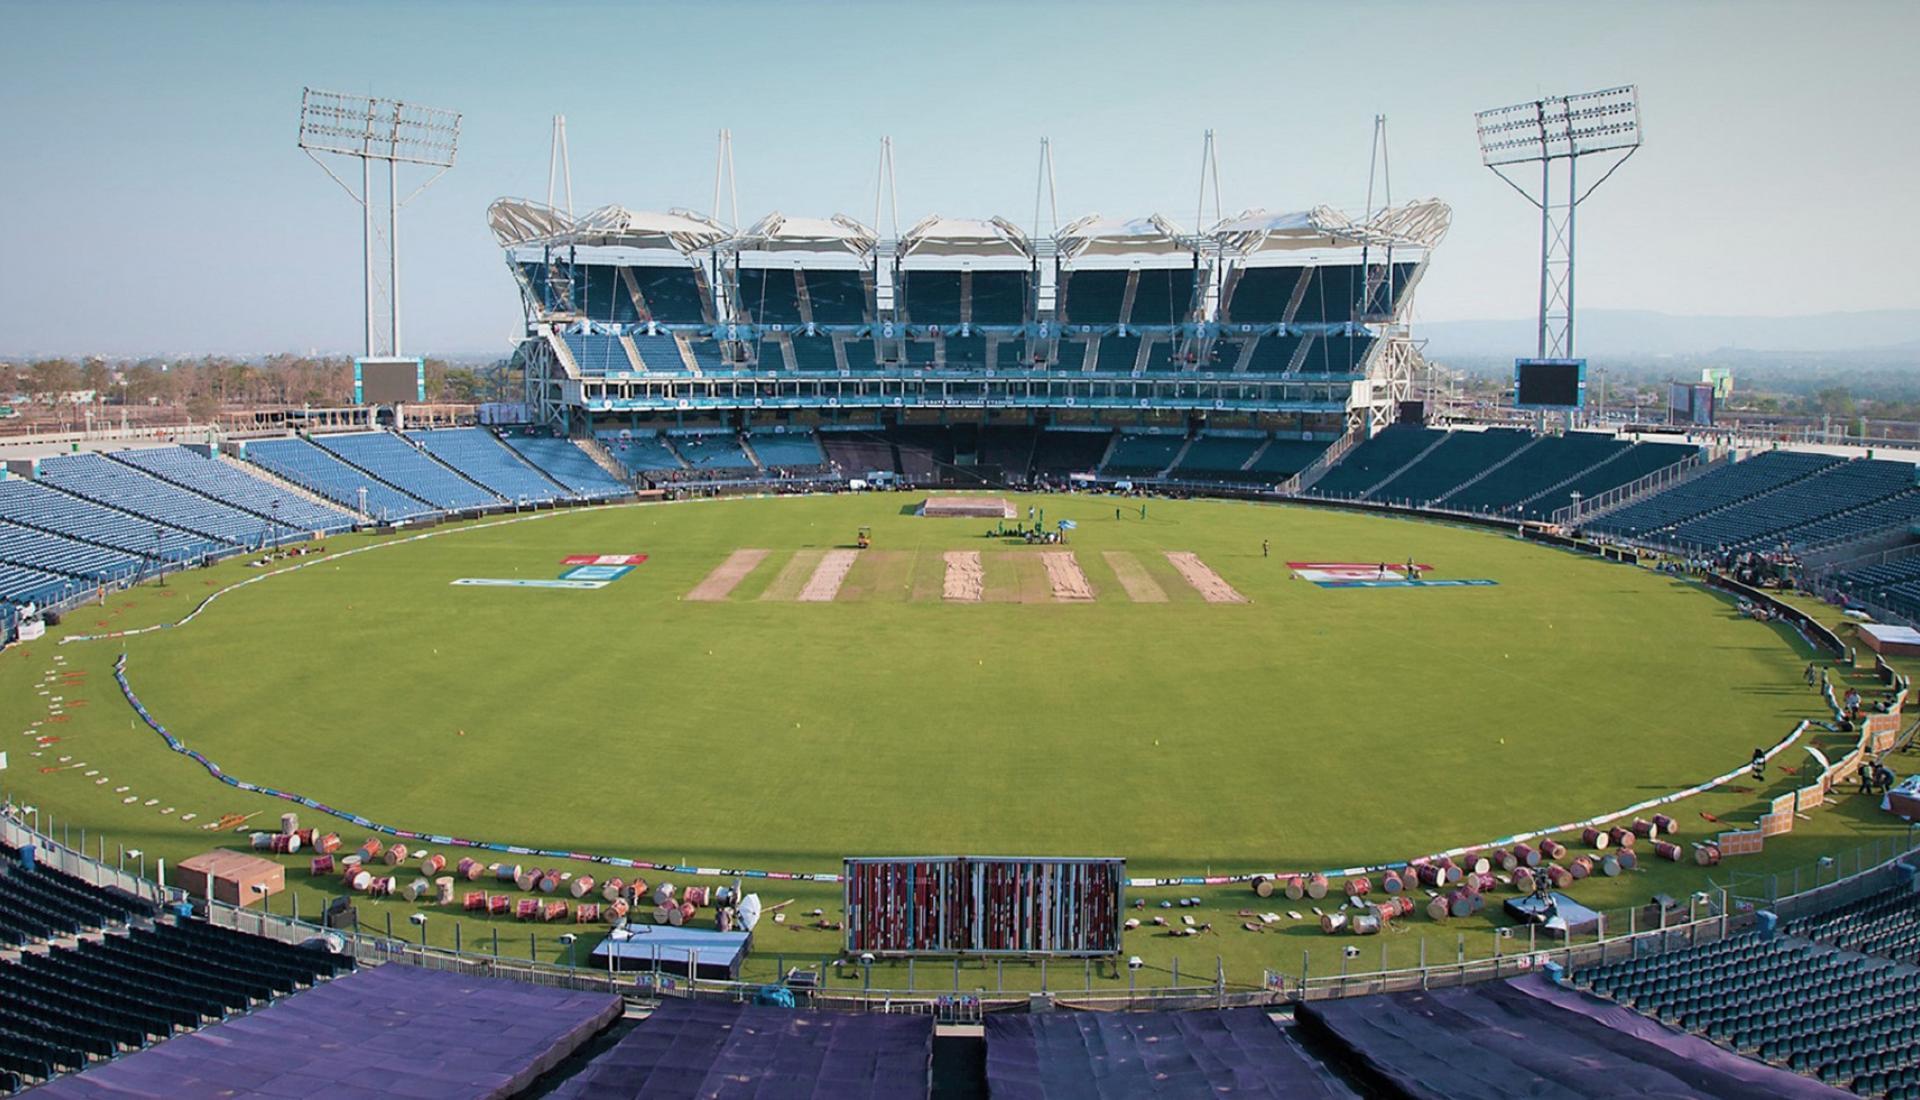 MCA Cricket Stadium in Pune